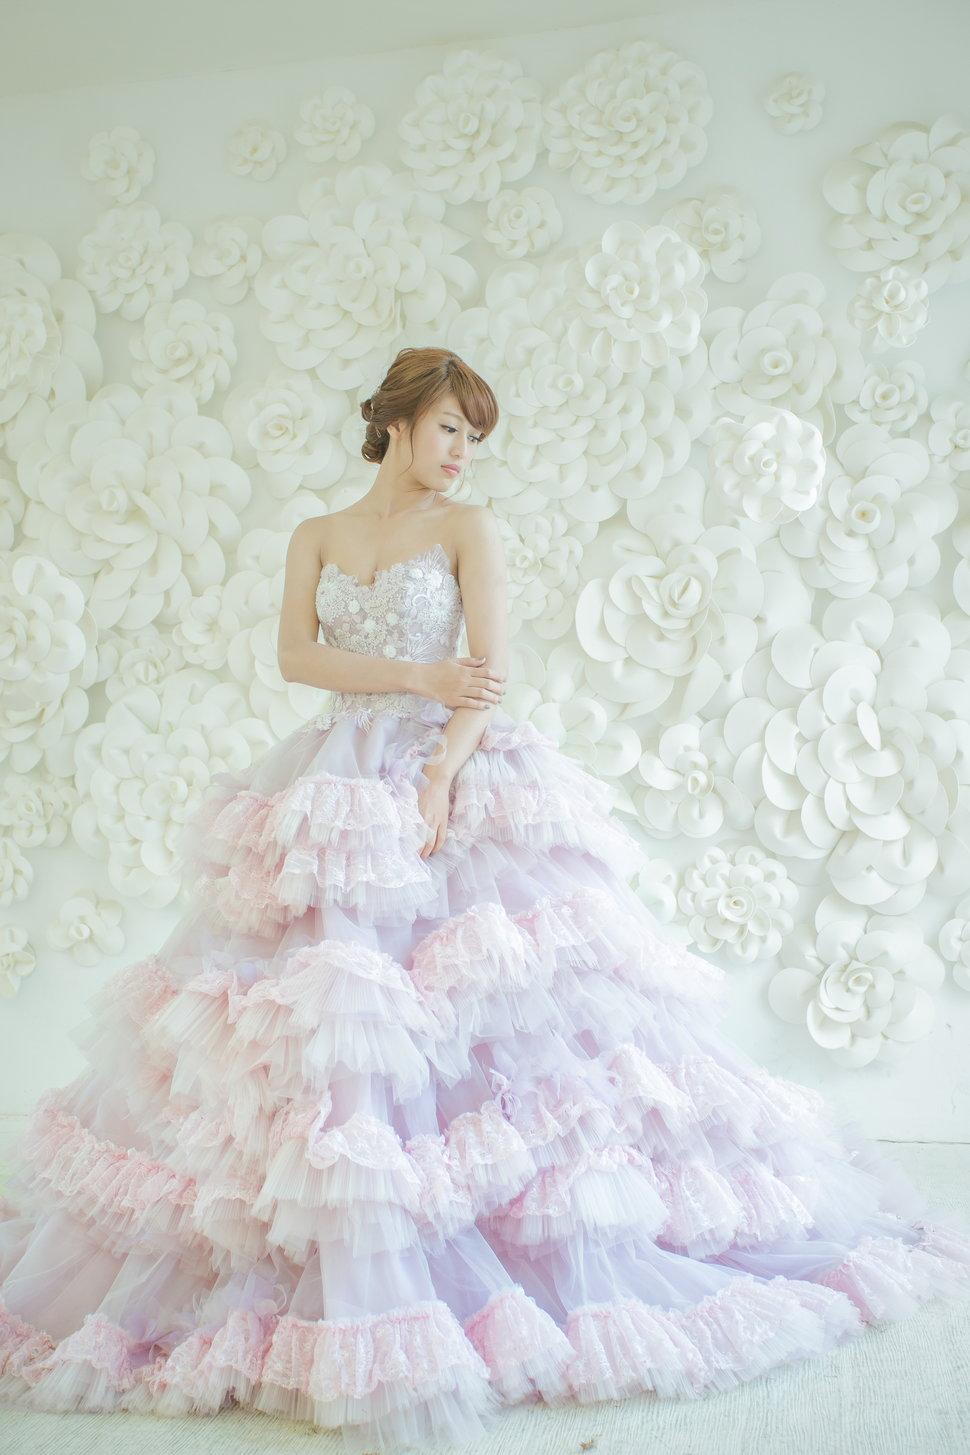 希臘婚禮 婚紗 攝影 手工婚紗禮服 超美(編號:377101) - 希臘婚禮  婚紗  攝影 - 結婚吧一站式婚禮服務平台